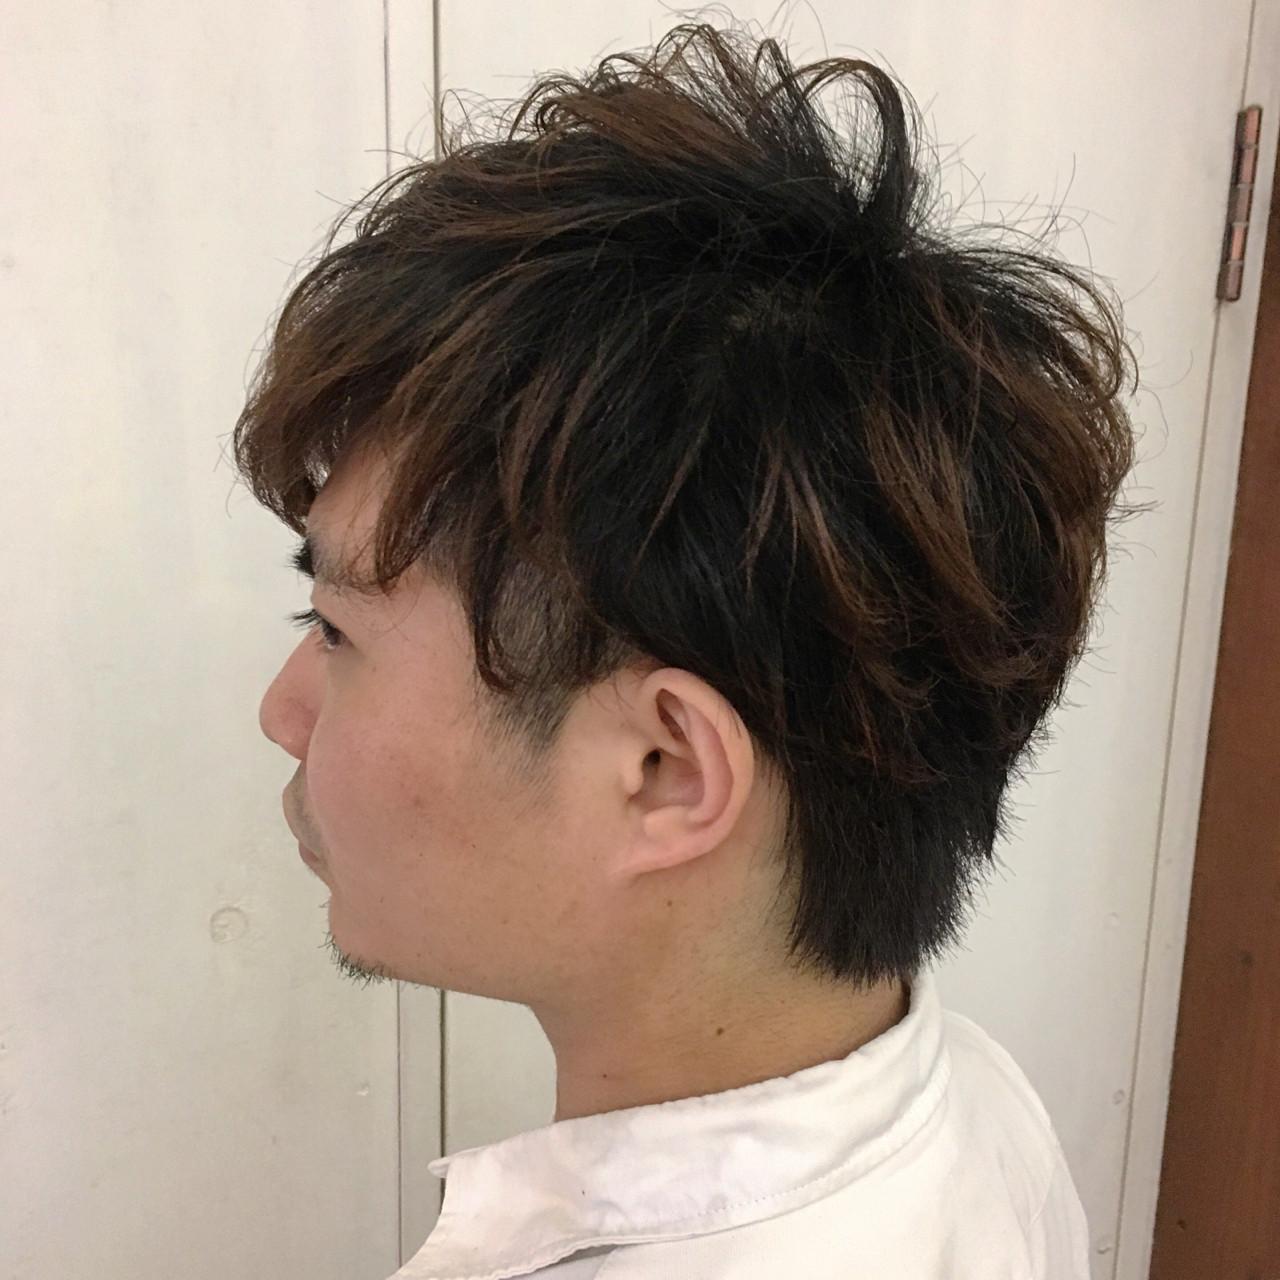 モテ髪 ナチュラル メンズ ボーイッシュ ヘアスタイルや髪型の写真・画像 | 杉本あさか asa / buzz北堀江